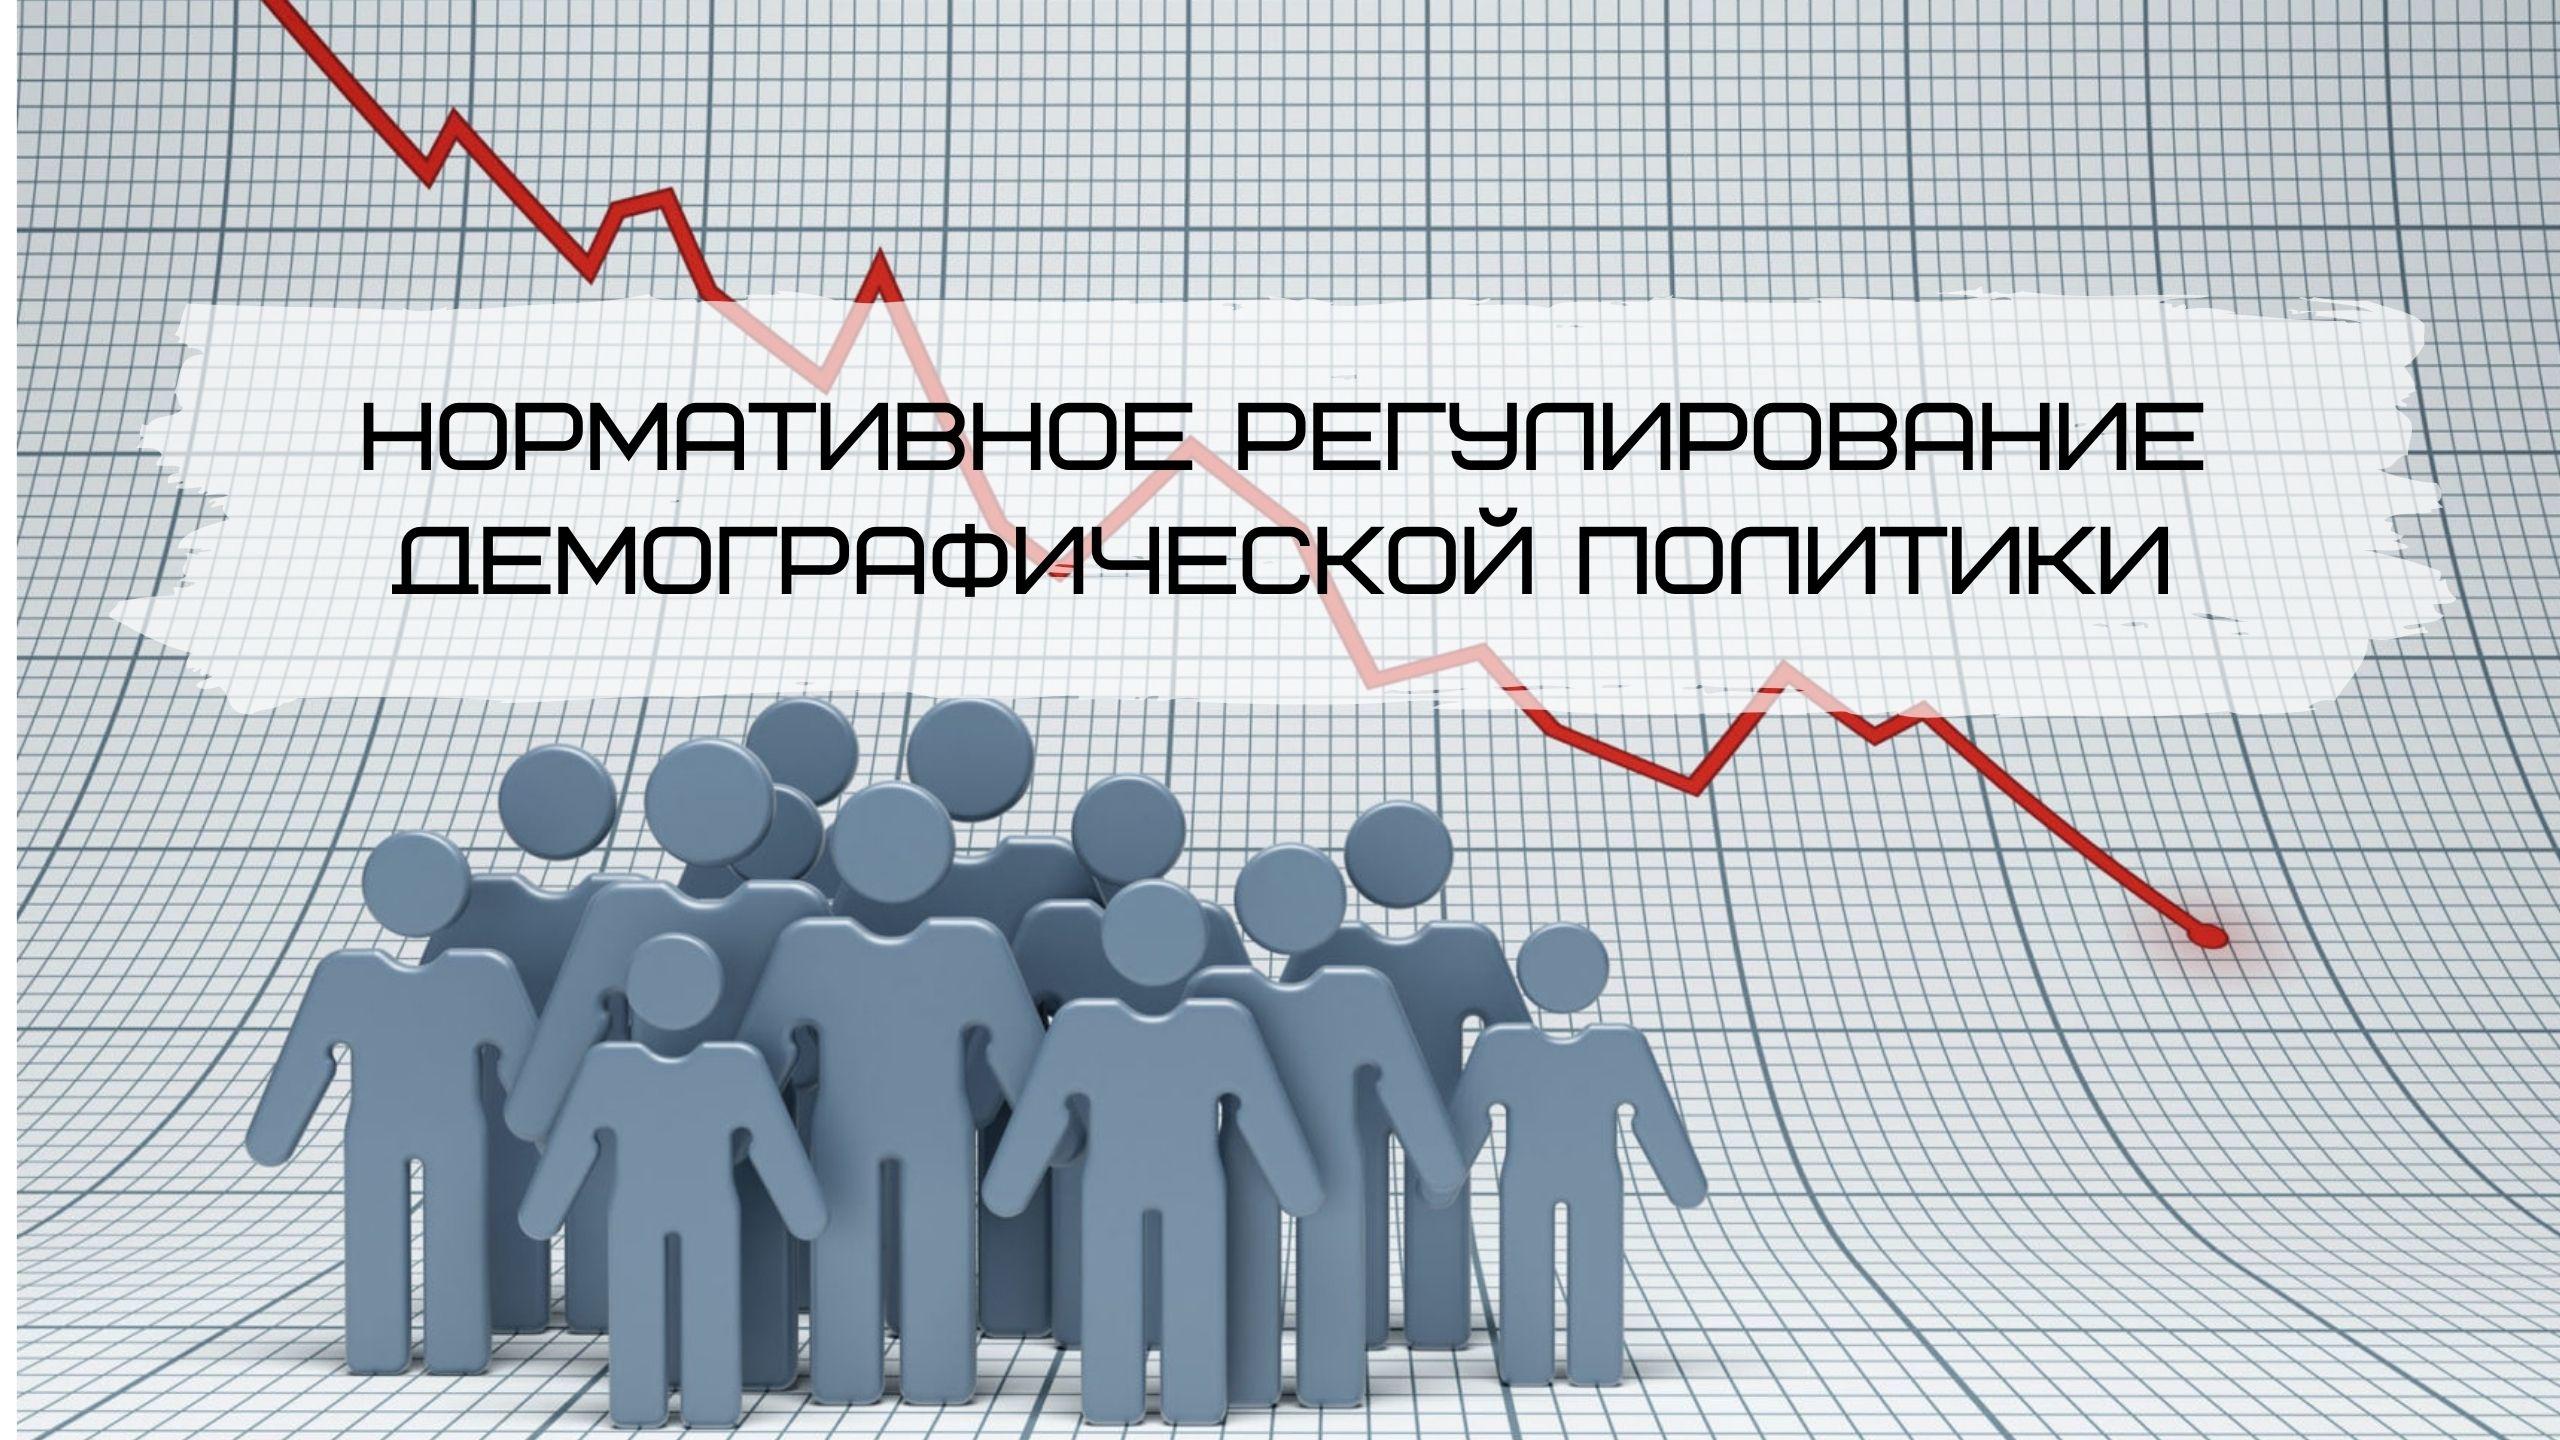 Нормативное регулирование демографической политики